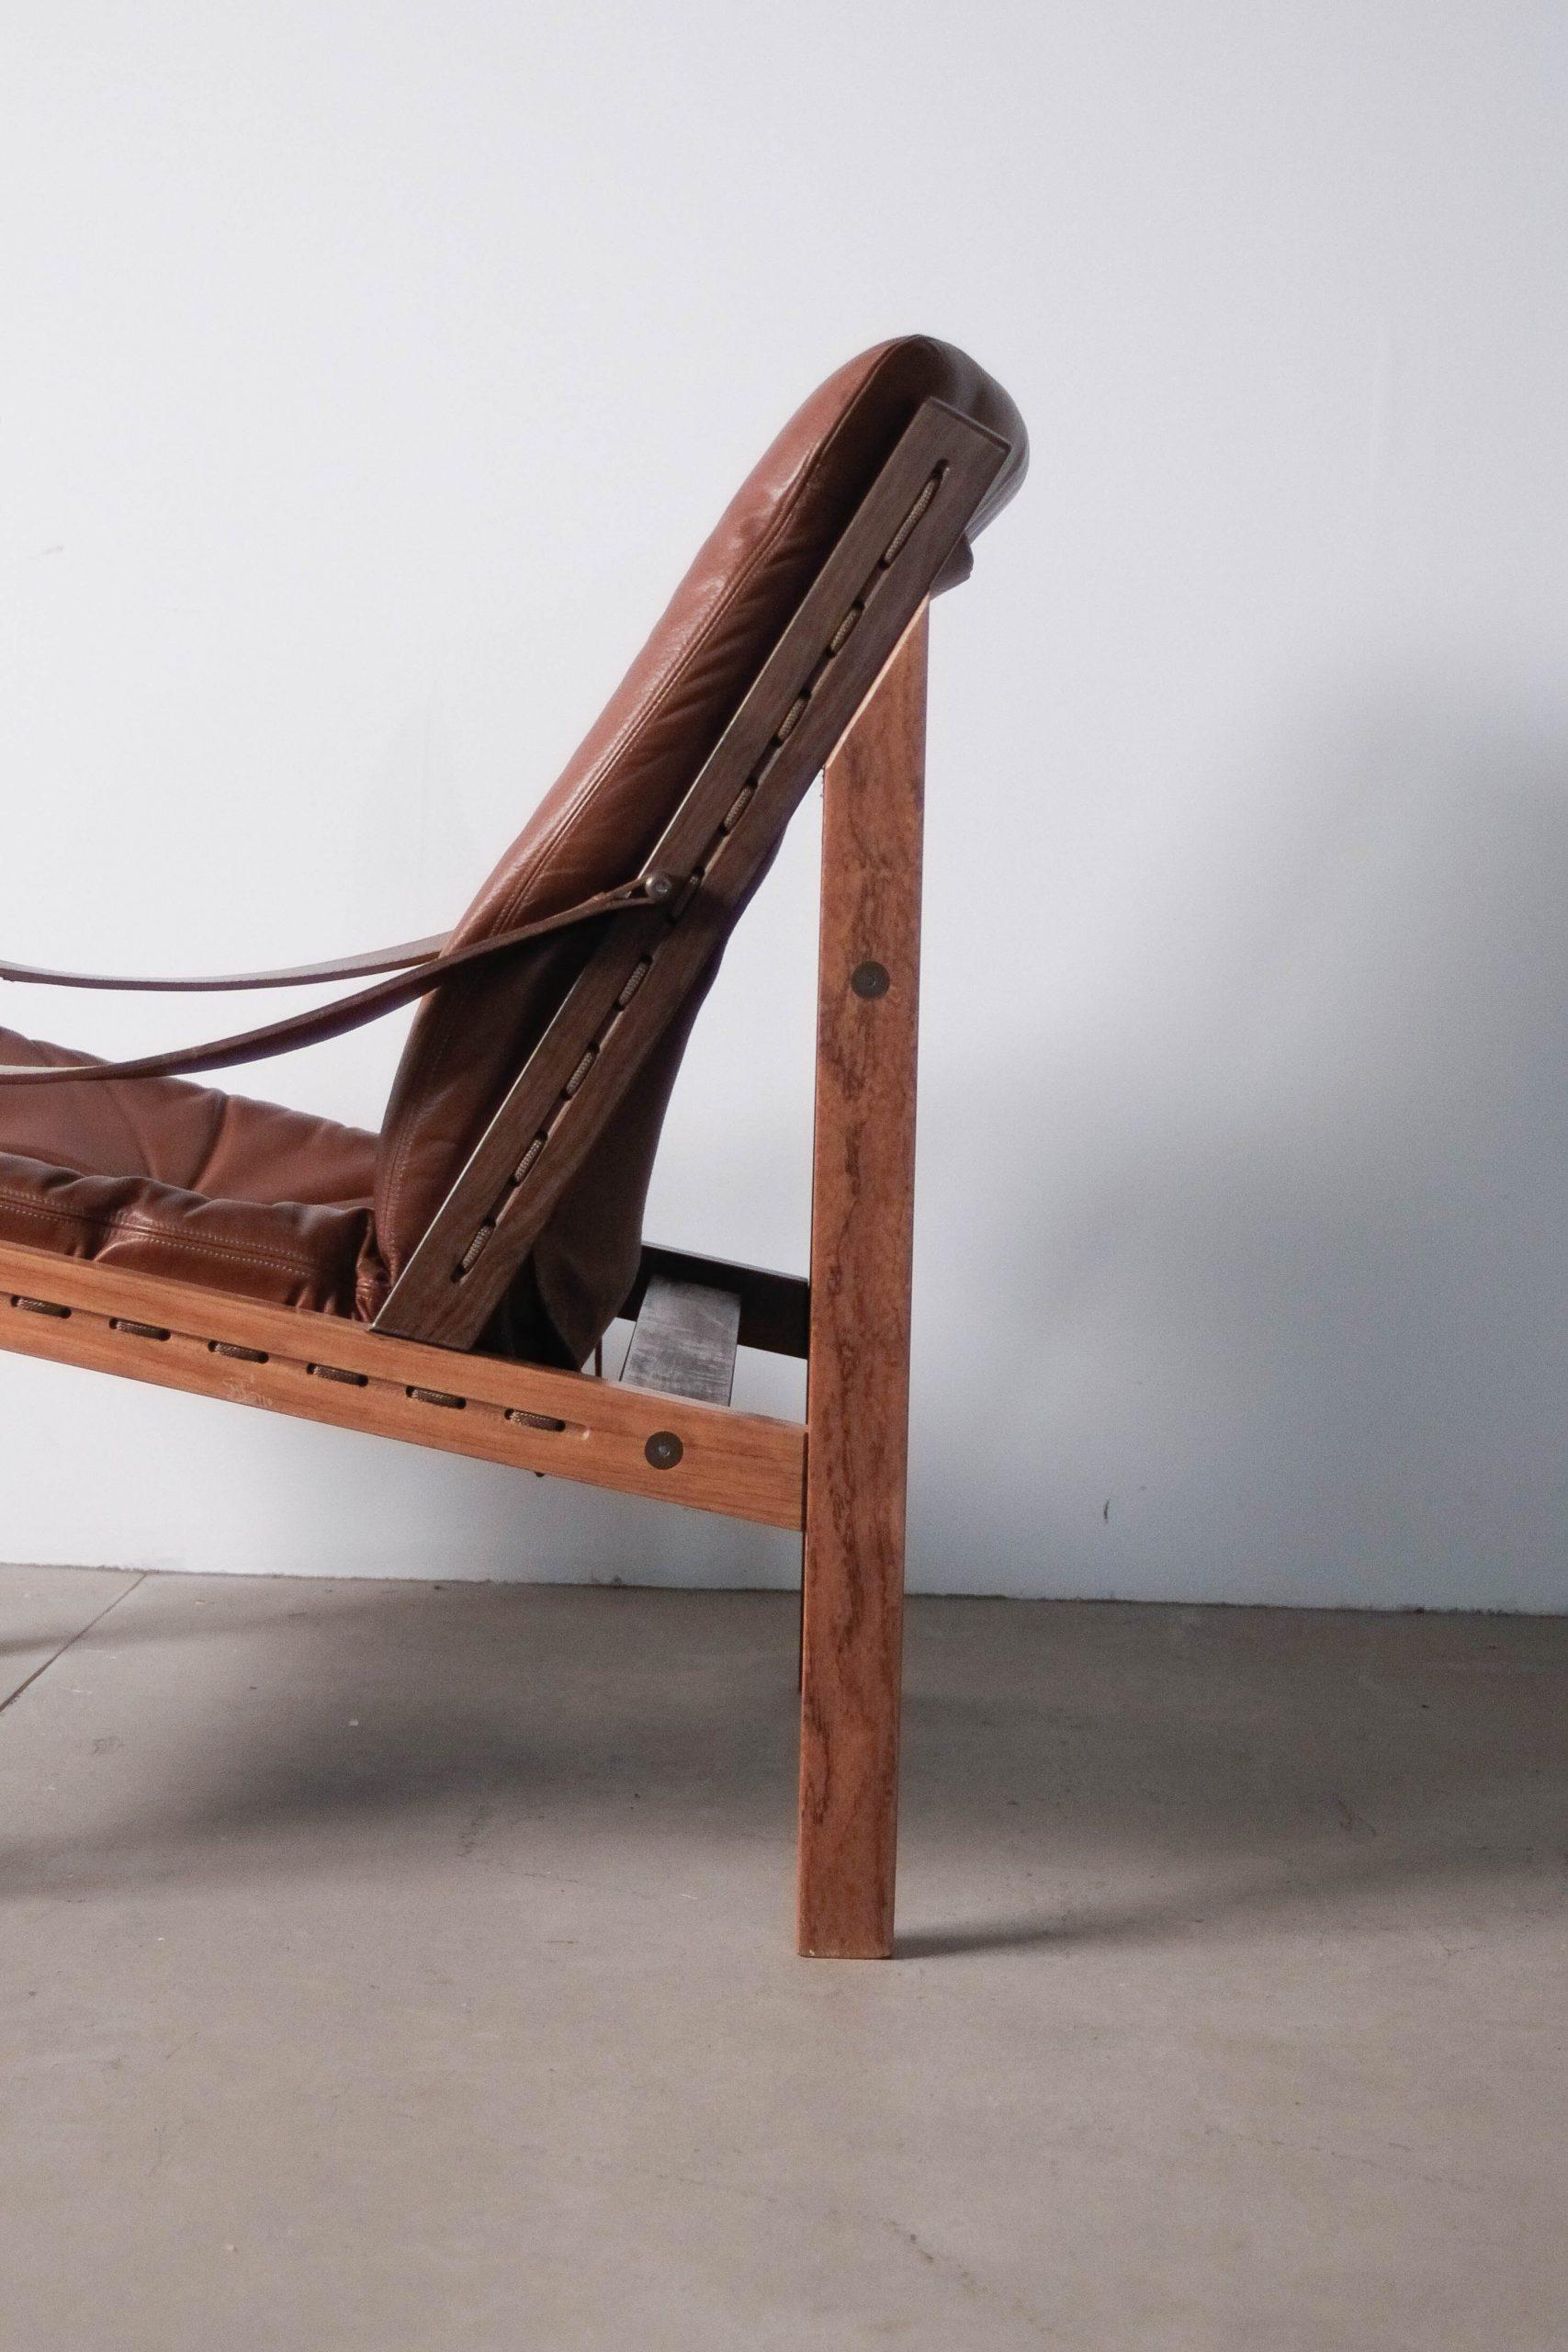 alta calidad diseño mueble de calidad madera piel